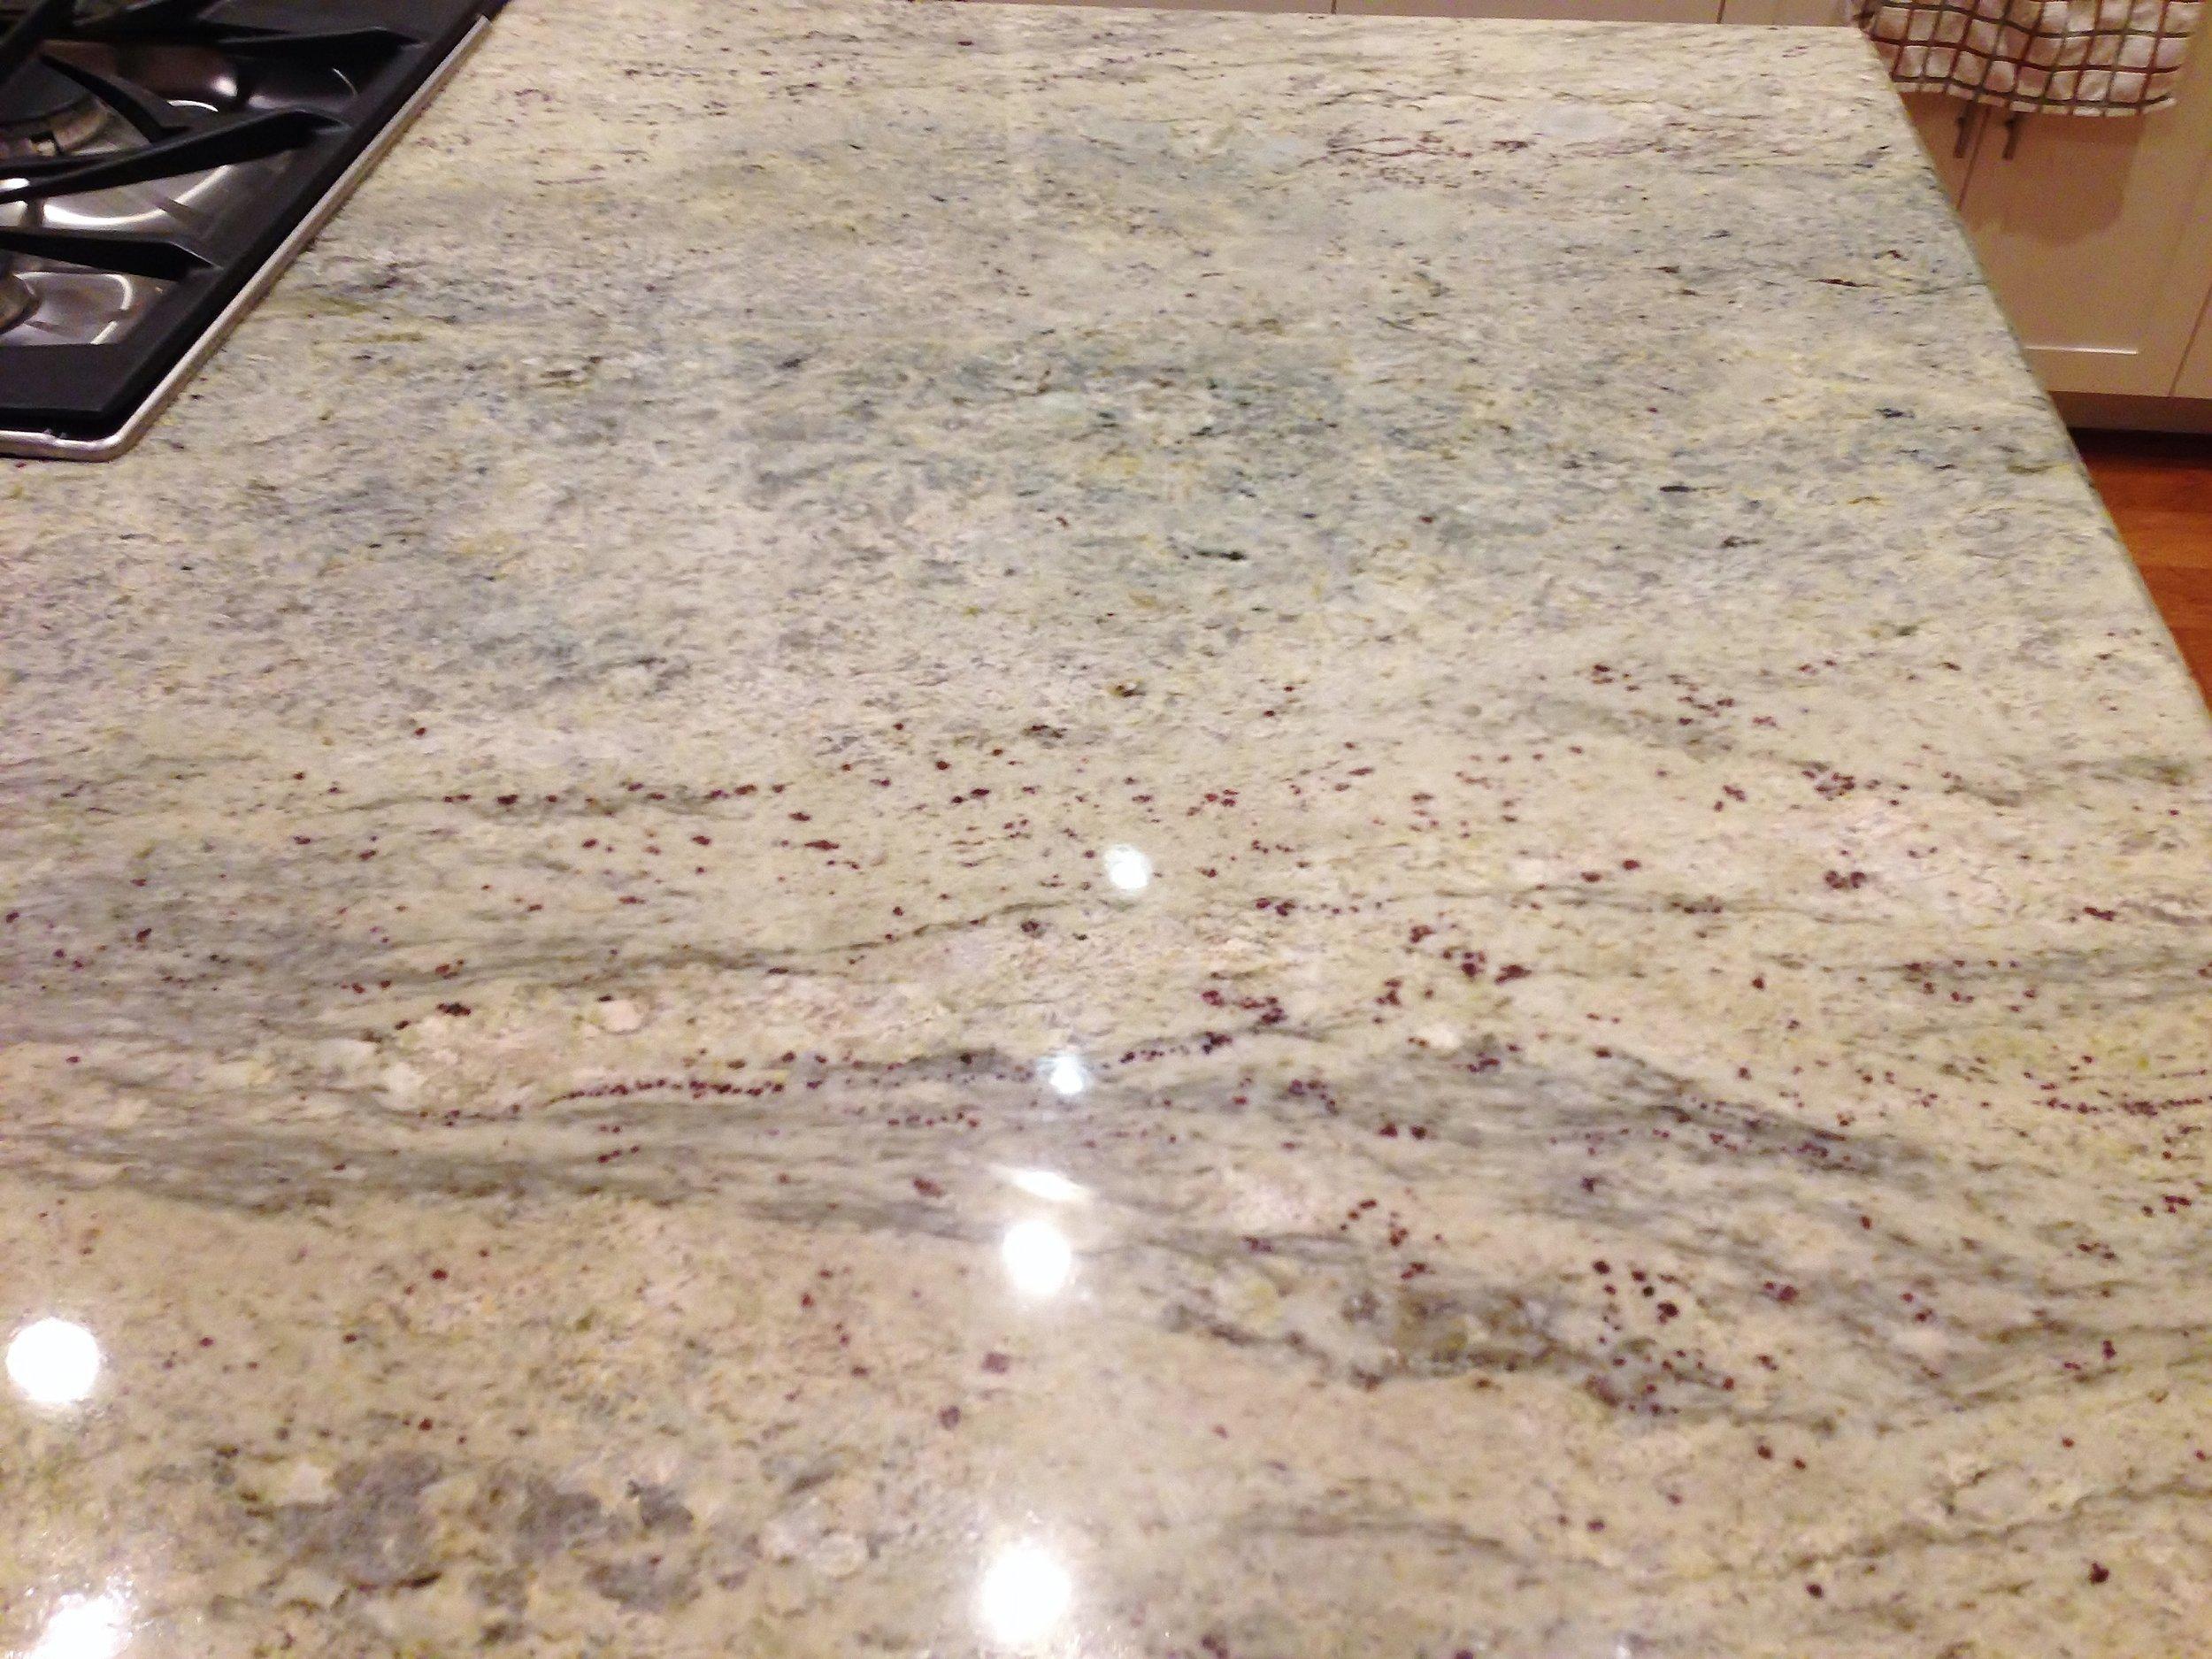 Granite countertop - Ventura California rental house review tour